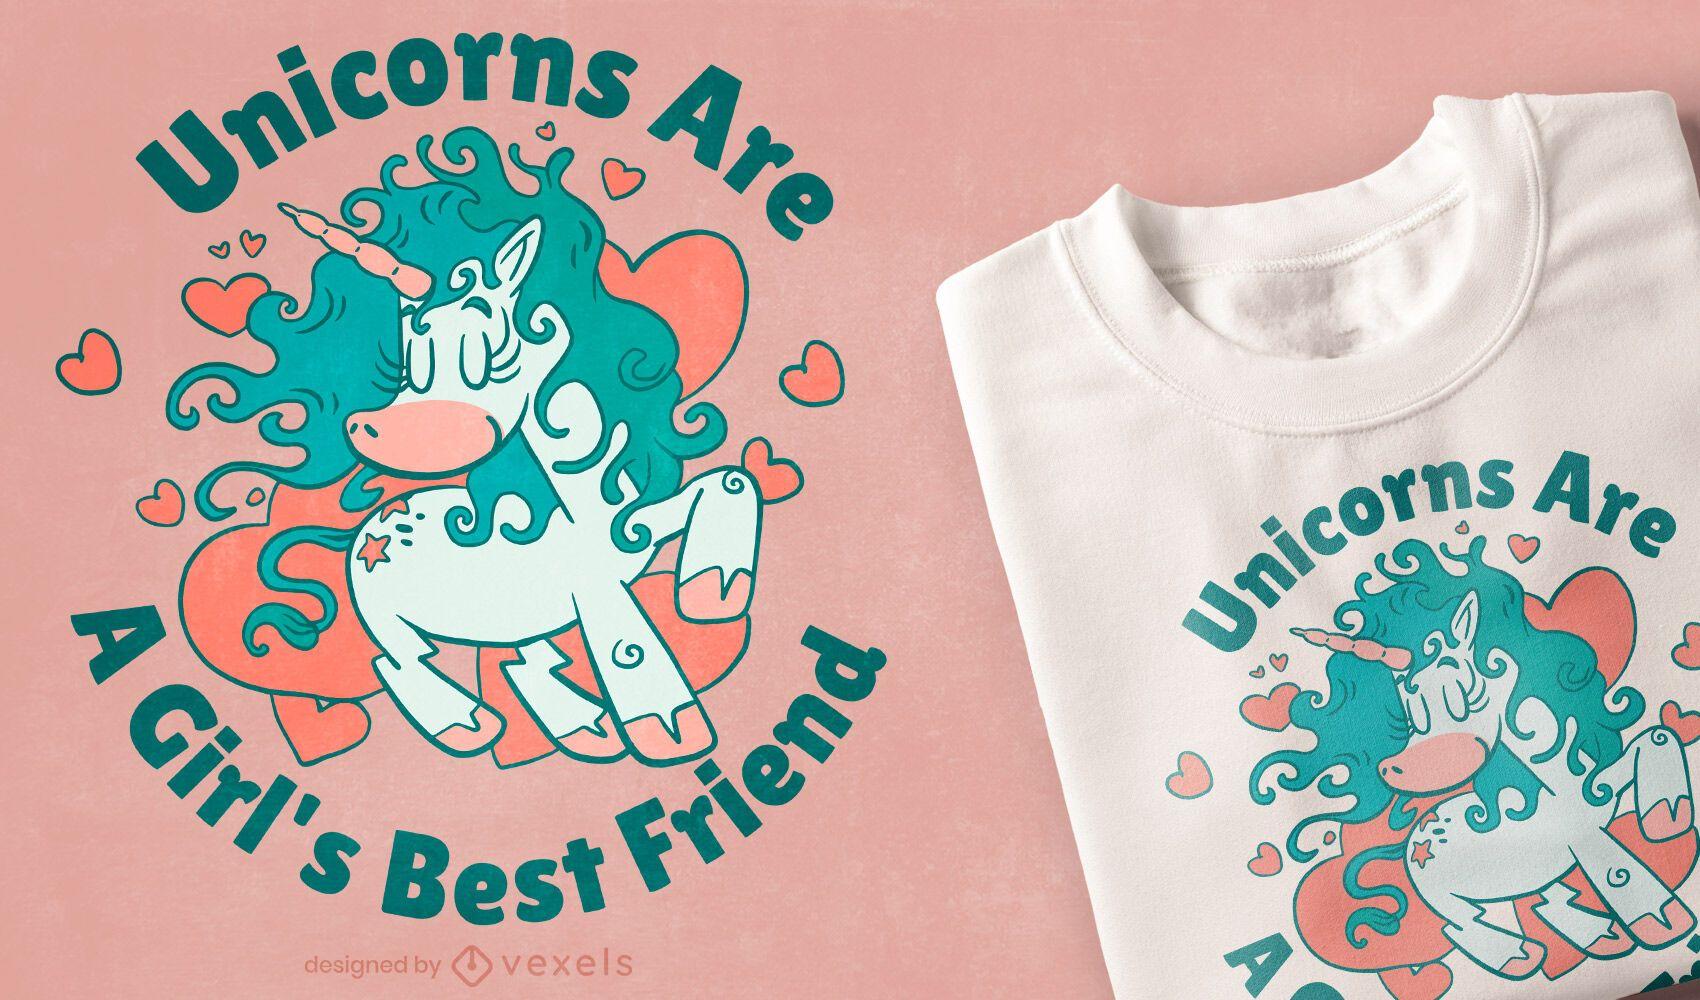 Diseño de camiseta de la mejor amiga de la niña.